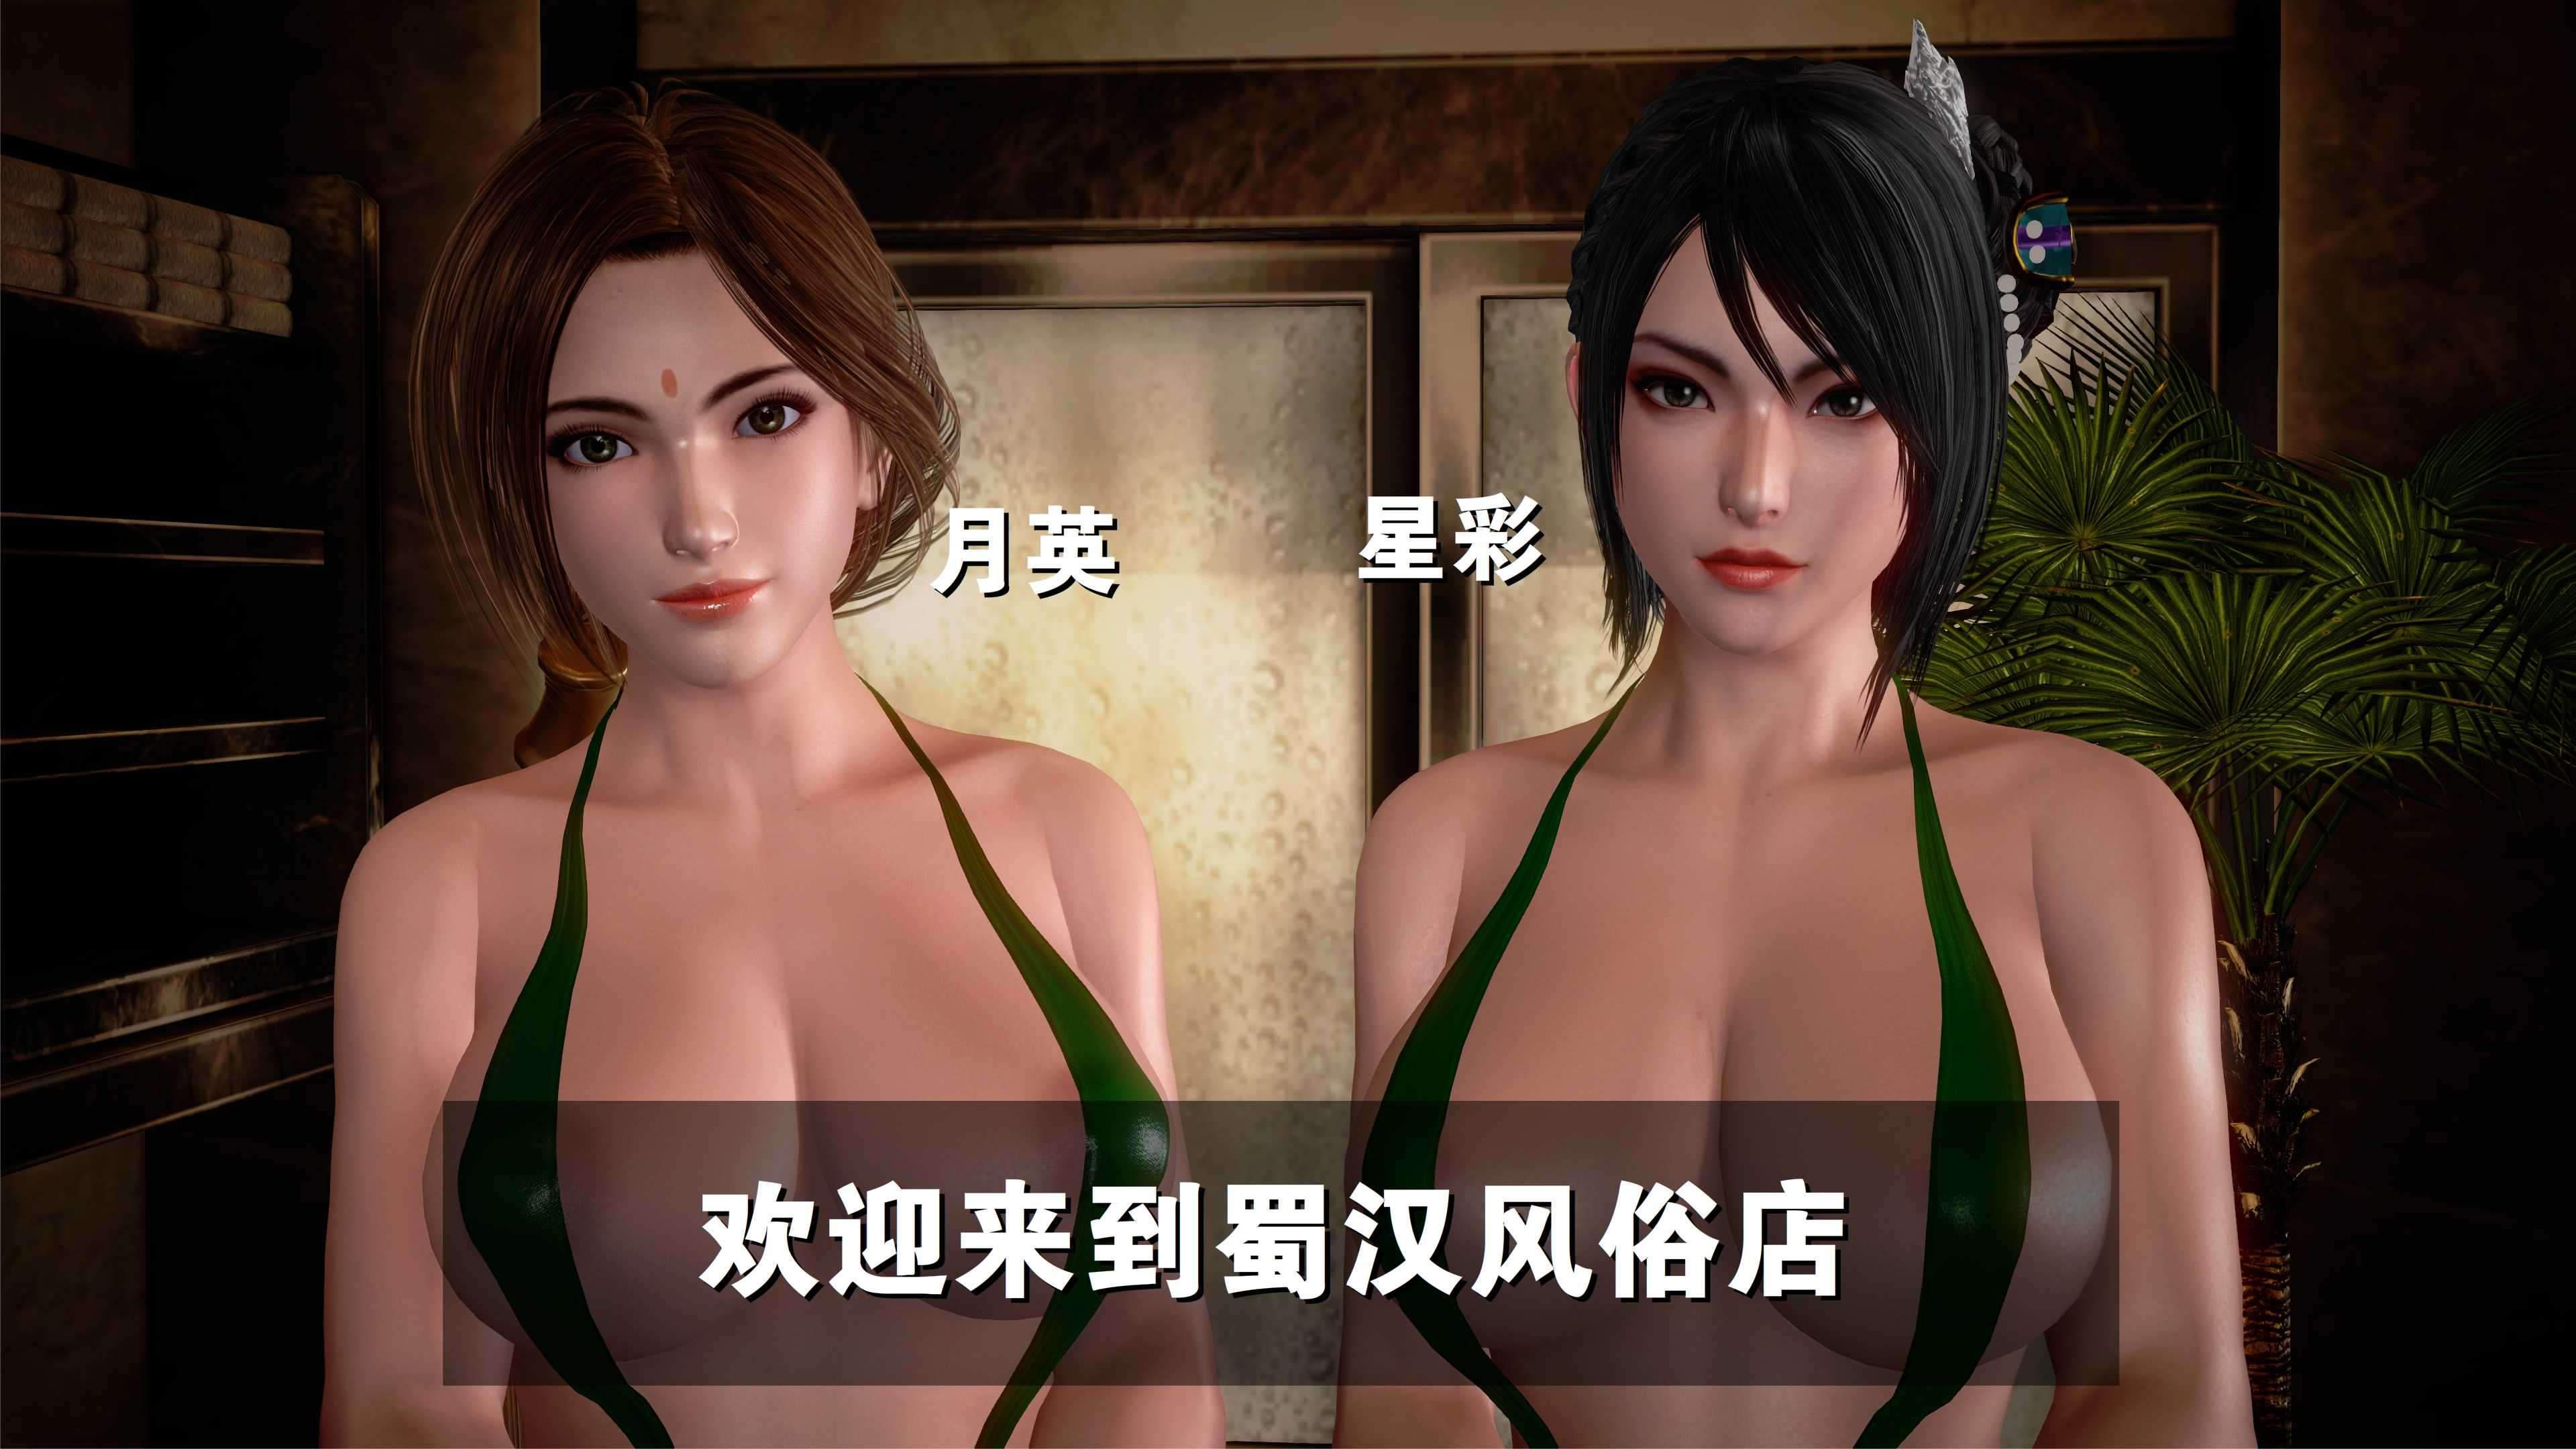 蜀汉风俗店+百合风俗店1-3+沉沦+碎片+熟女百合+其他